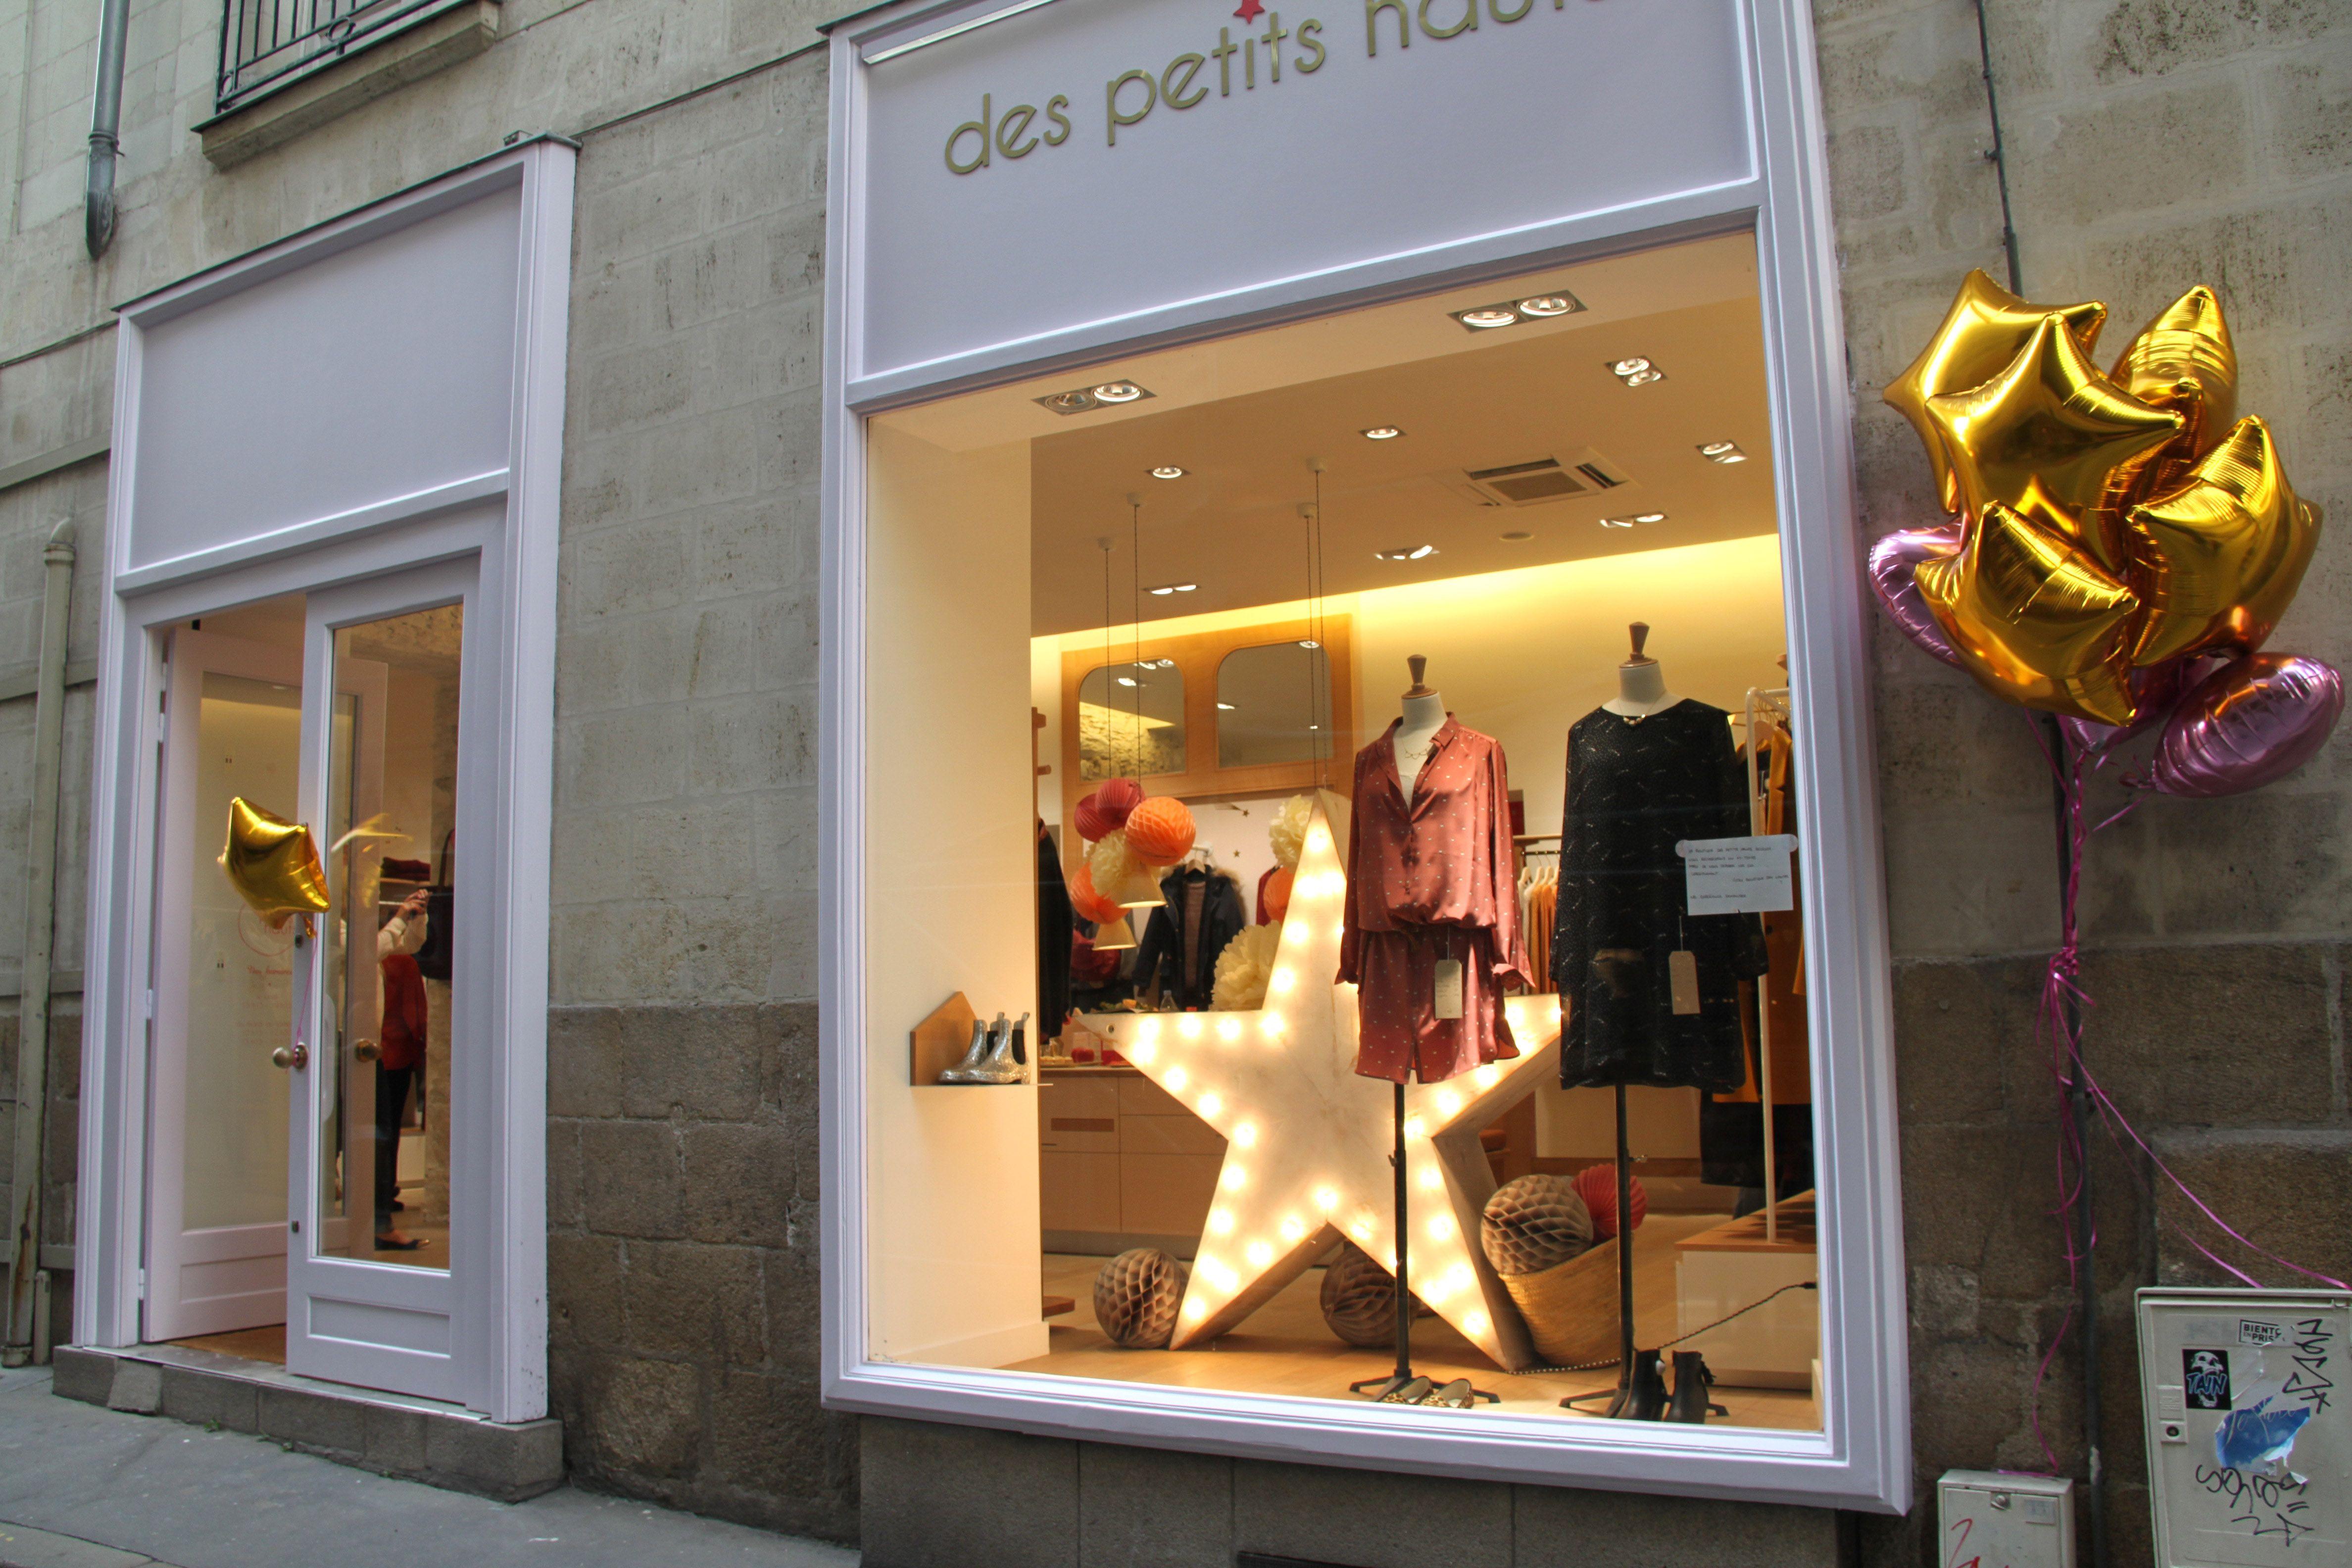 Vitrine De La Boutique Des Petits Hauts De Nantes Nantes Ville Nantes Villa